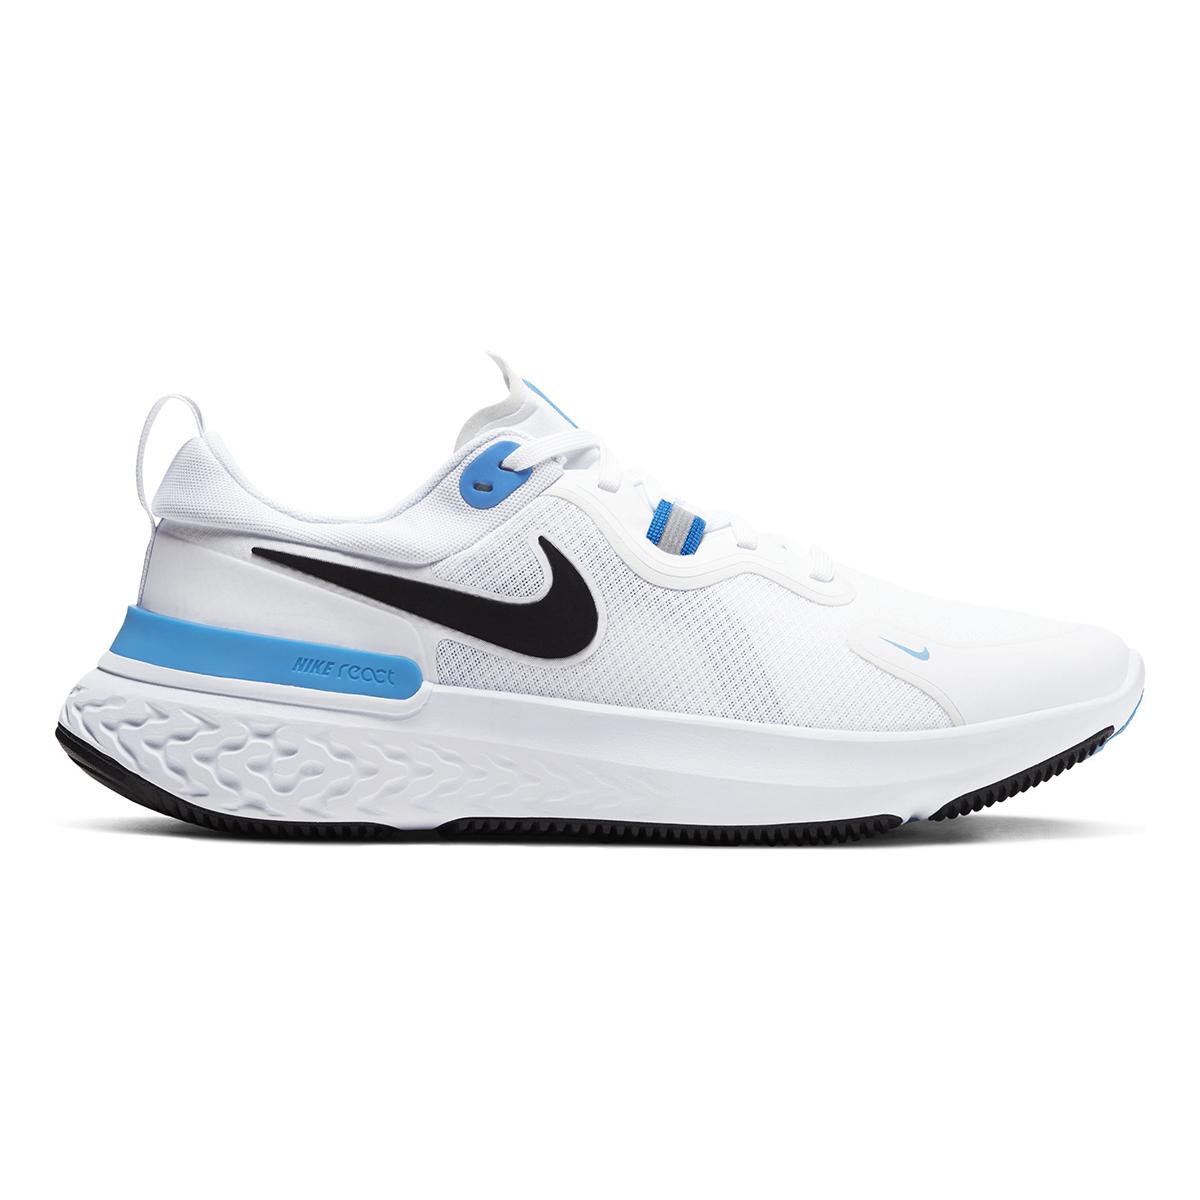 Nike React Miler Running Shoe $77.97 + Free Shipping